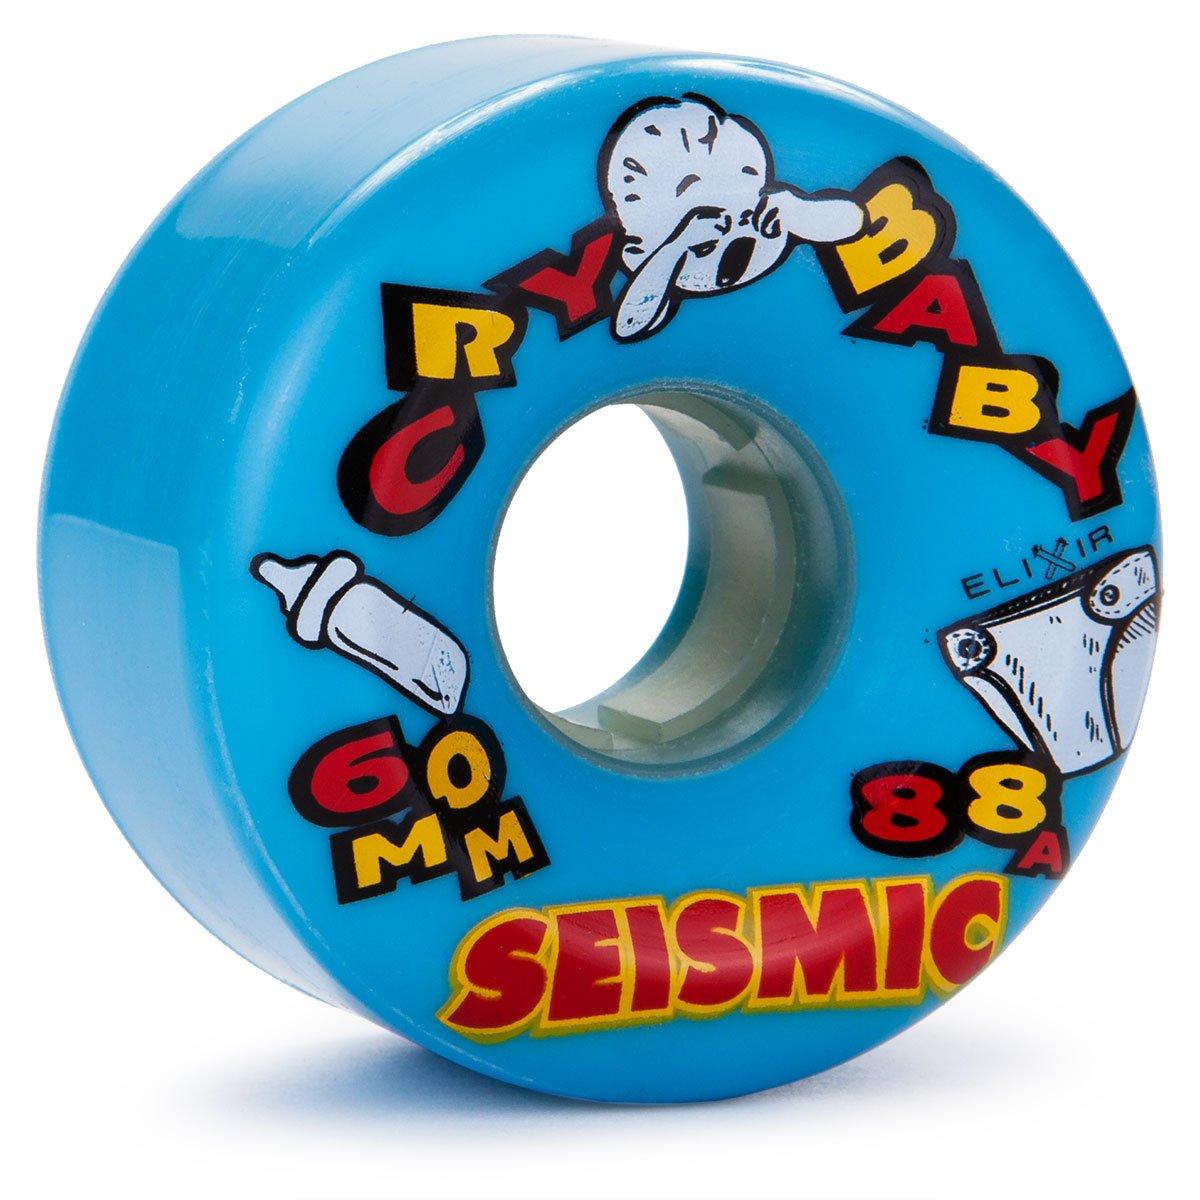 Seismic Cry ベビーロングボードホイール 60mm 88a ブルー   B07J1VHZNV